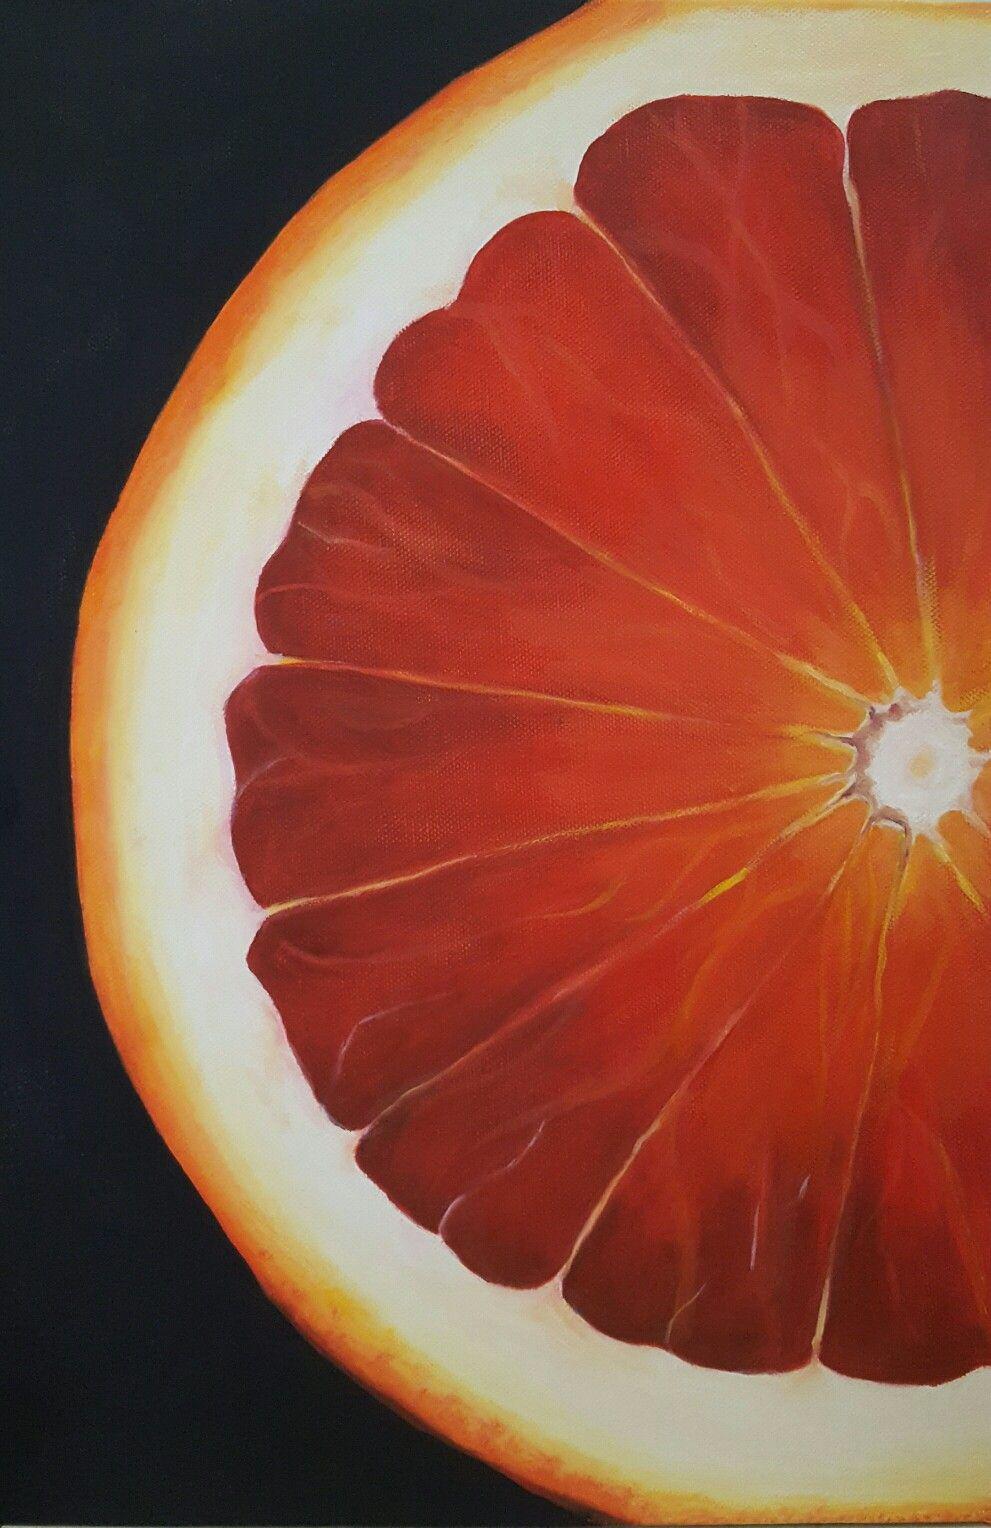 'Blood Orange' (2017) original oil painting on stretched canvas, 31cm w x 46cm h x 4cm d. Edge painted black.